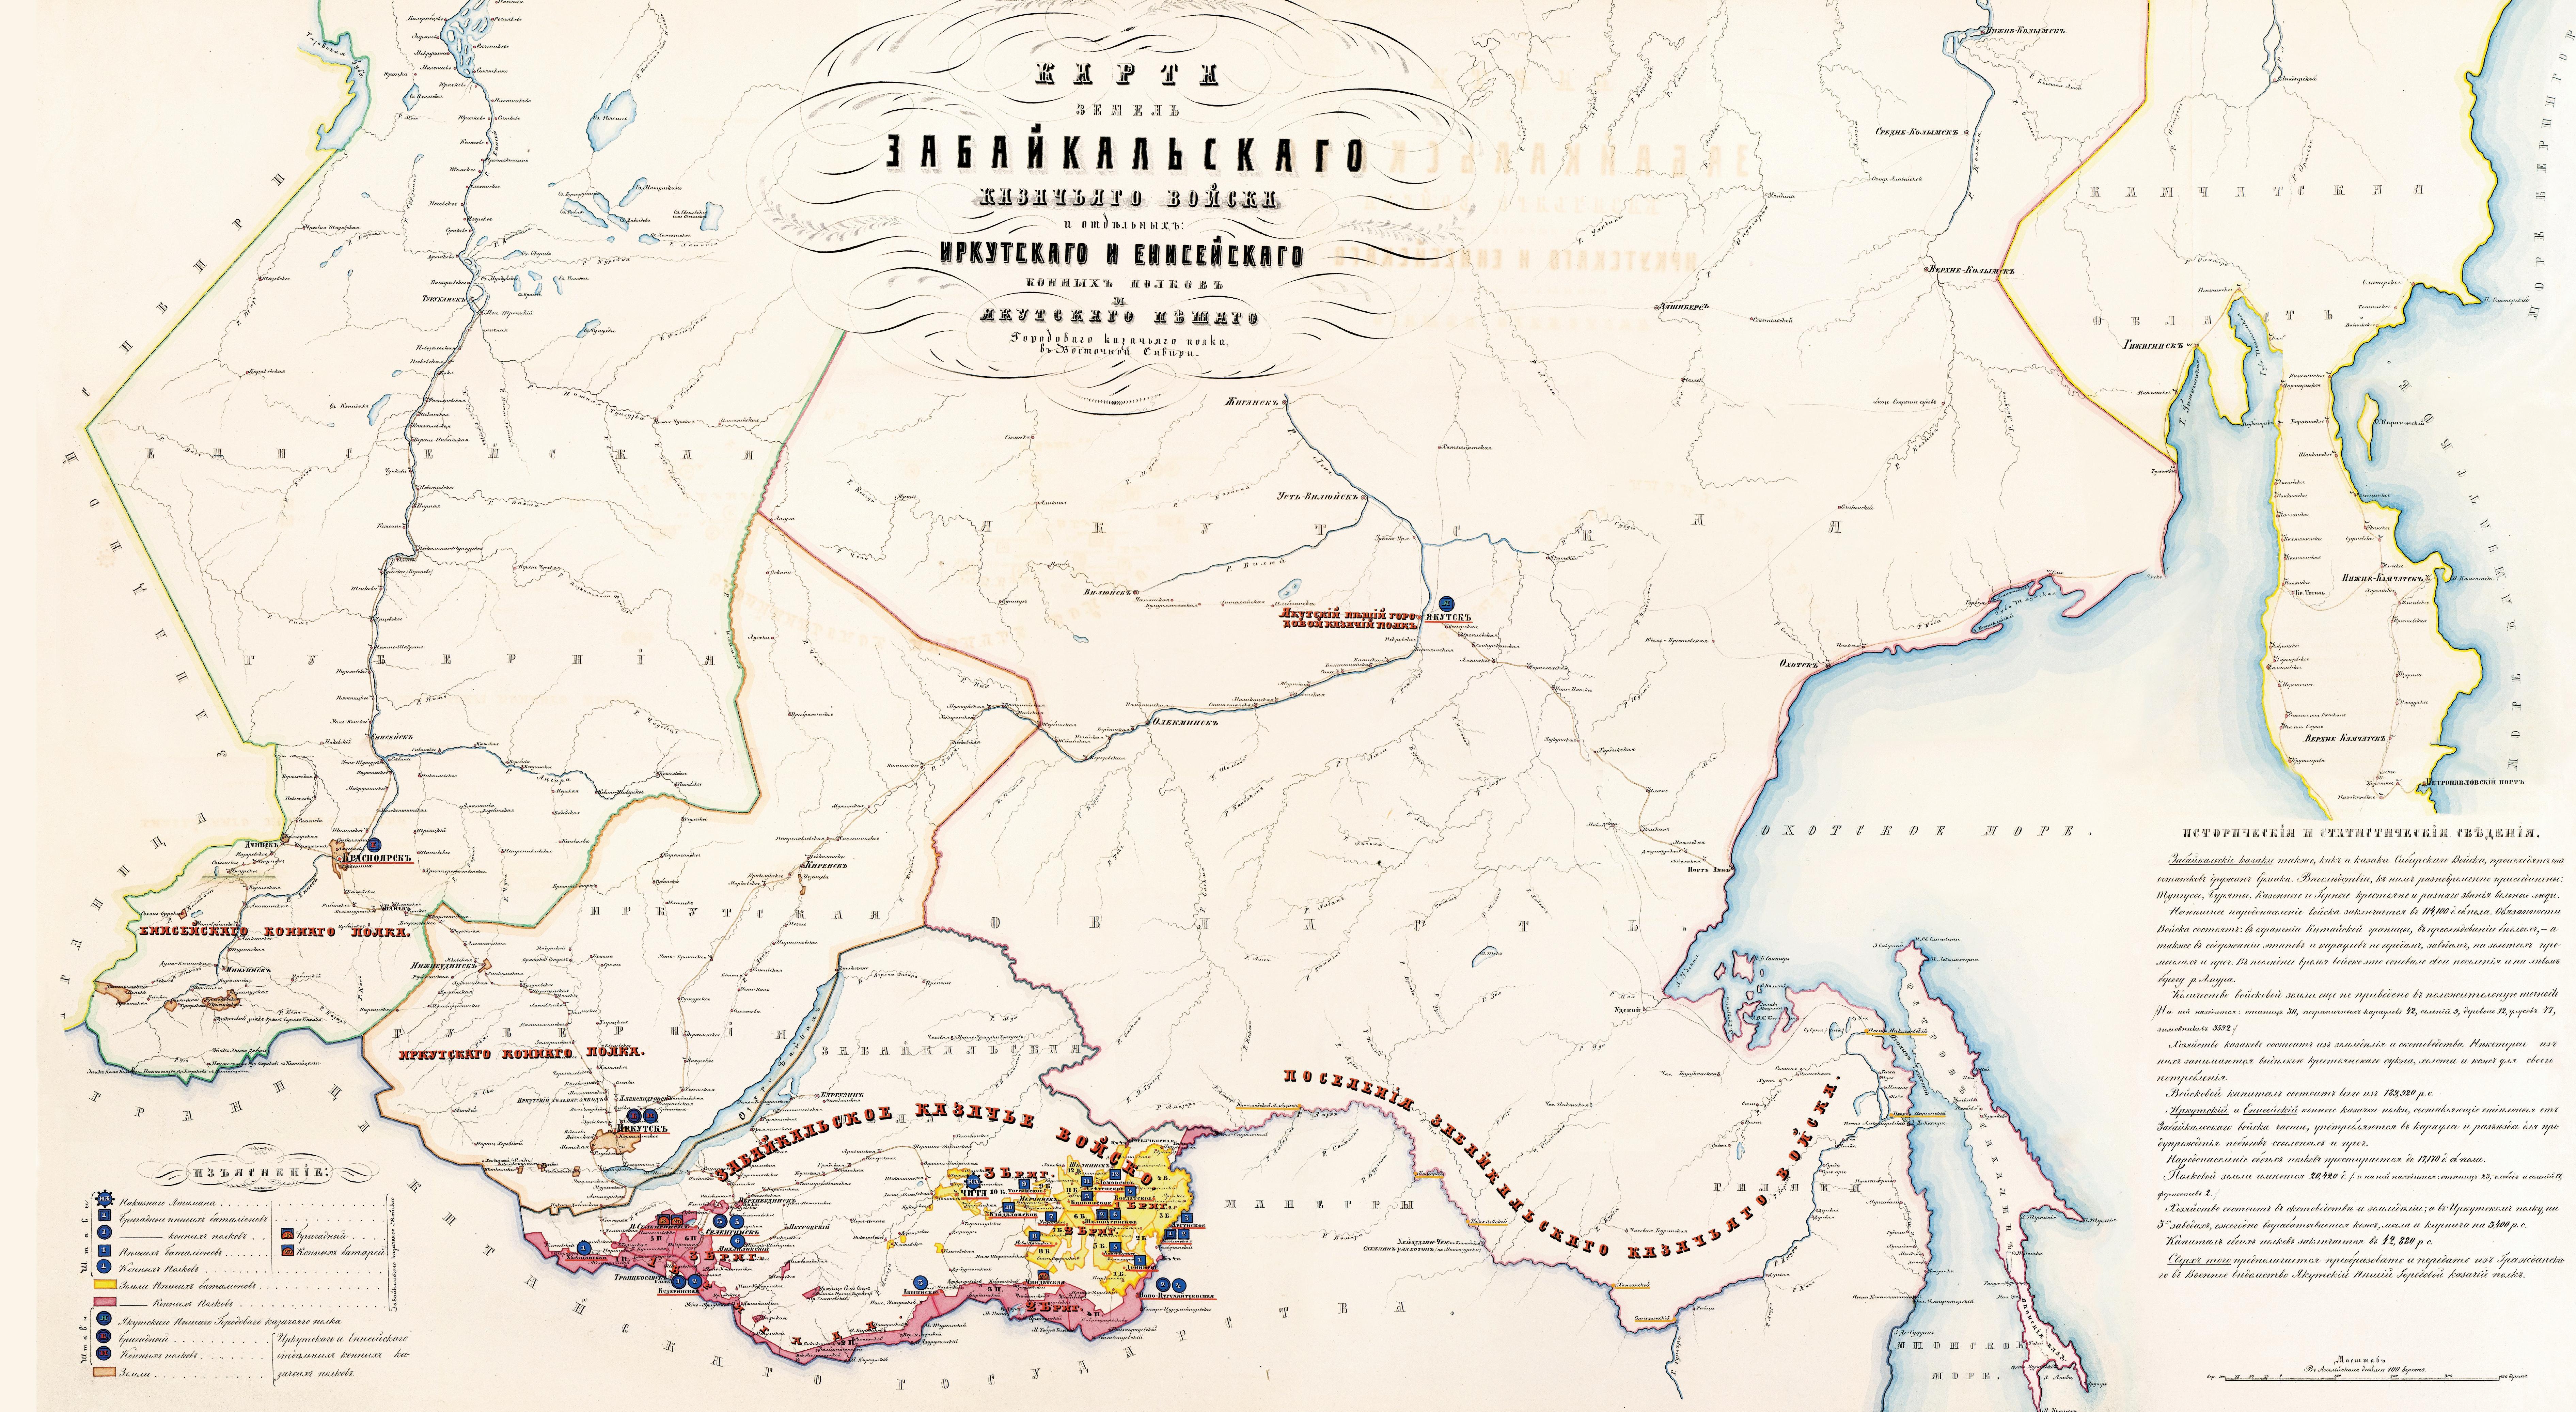 1858 Карта земель Забайкальского казачьего войска и отдельных Иркутского и Енисейского конных полков.jpg